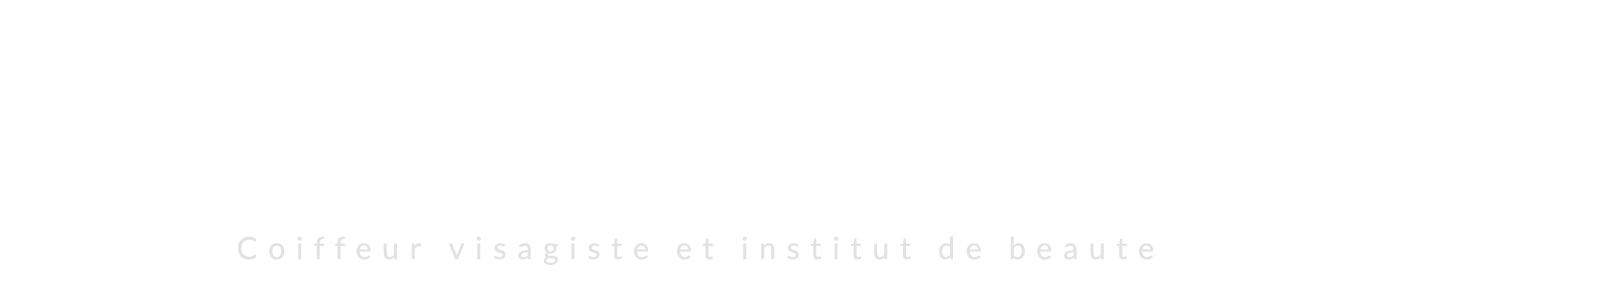 L'Atelier Coiffure et Beauté : Salon de coiffure et institut de beauté pour femme, homme et enfant (Accueil)